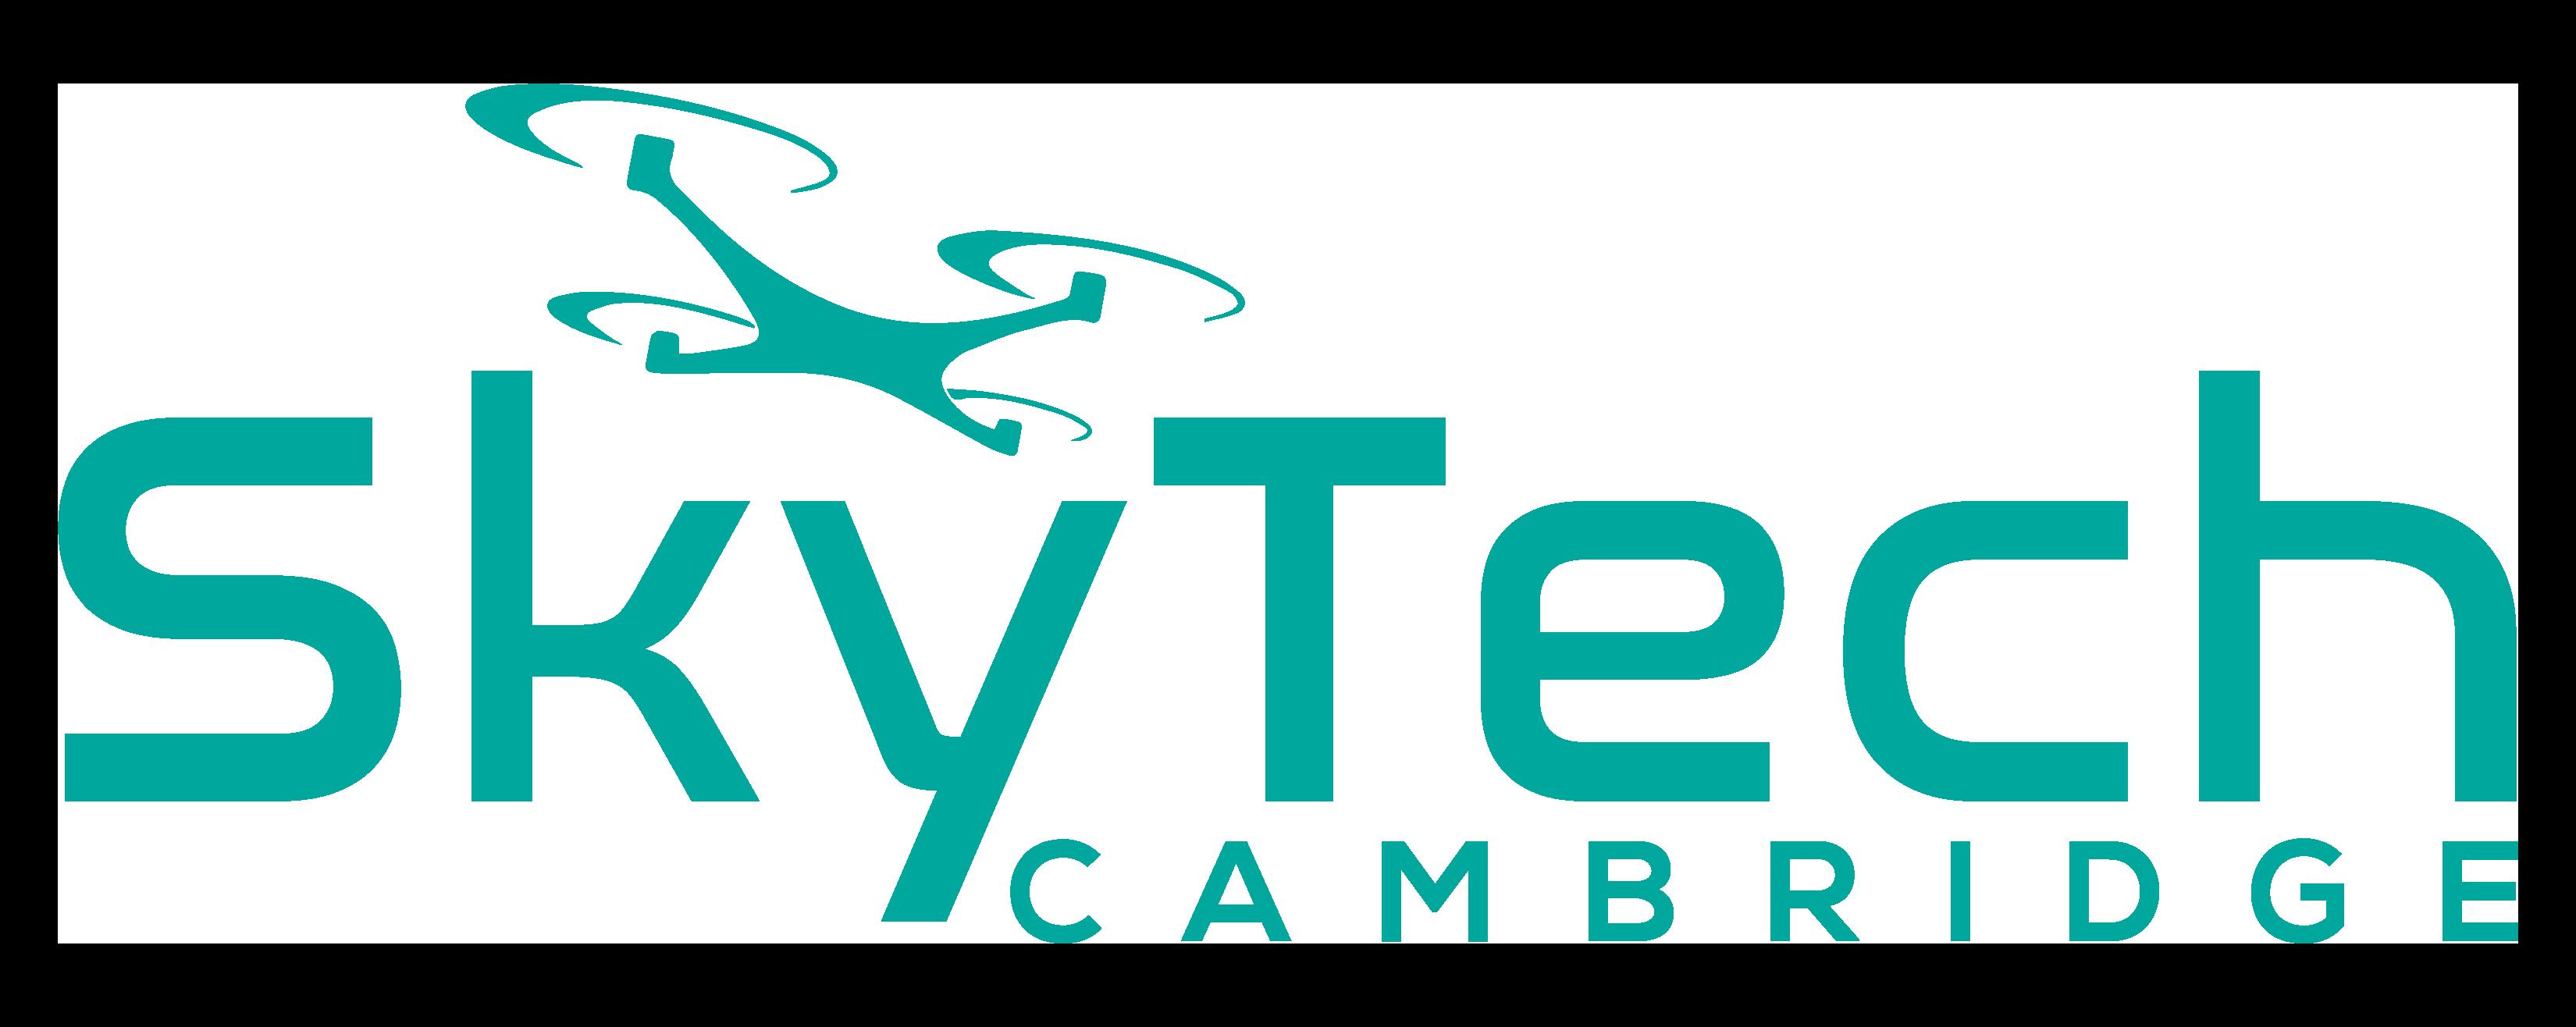 SkyTech Cambridge